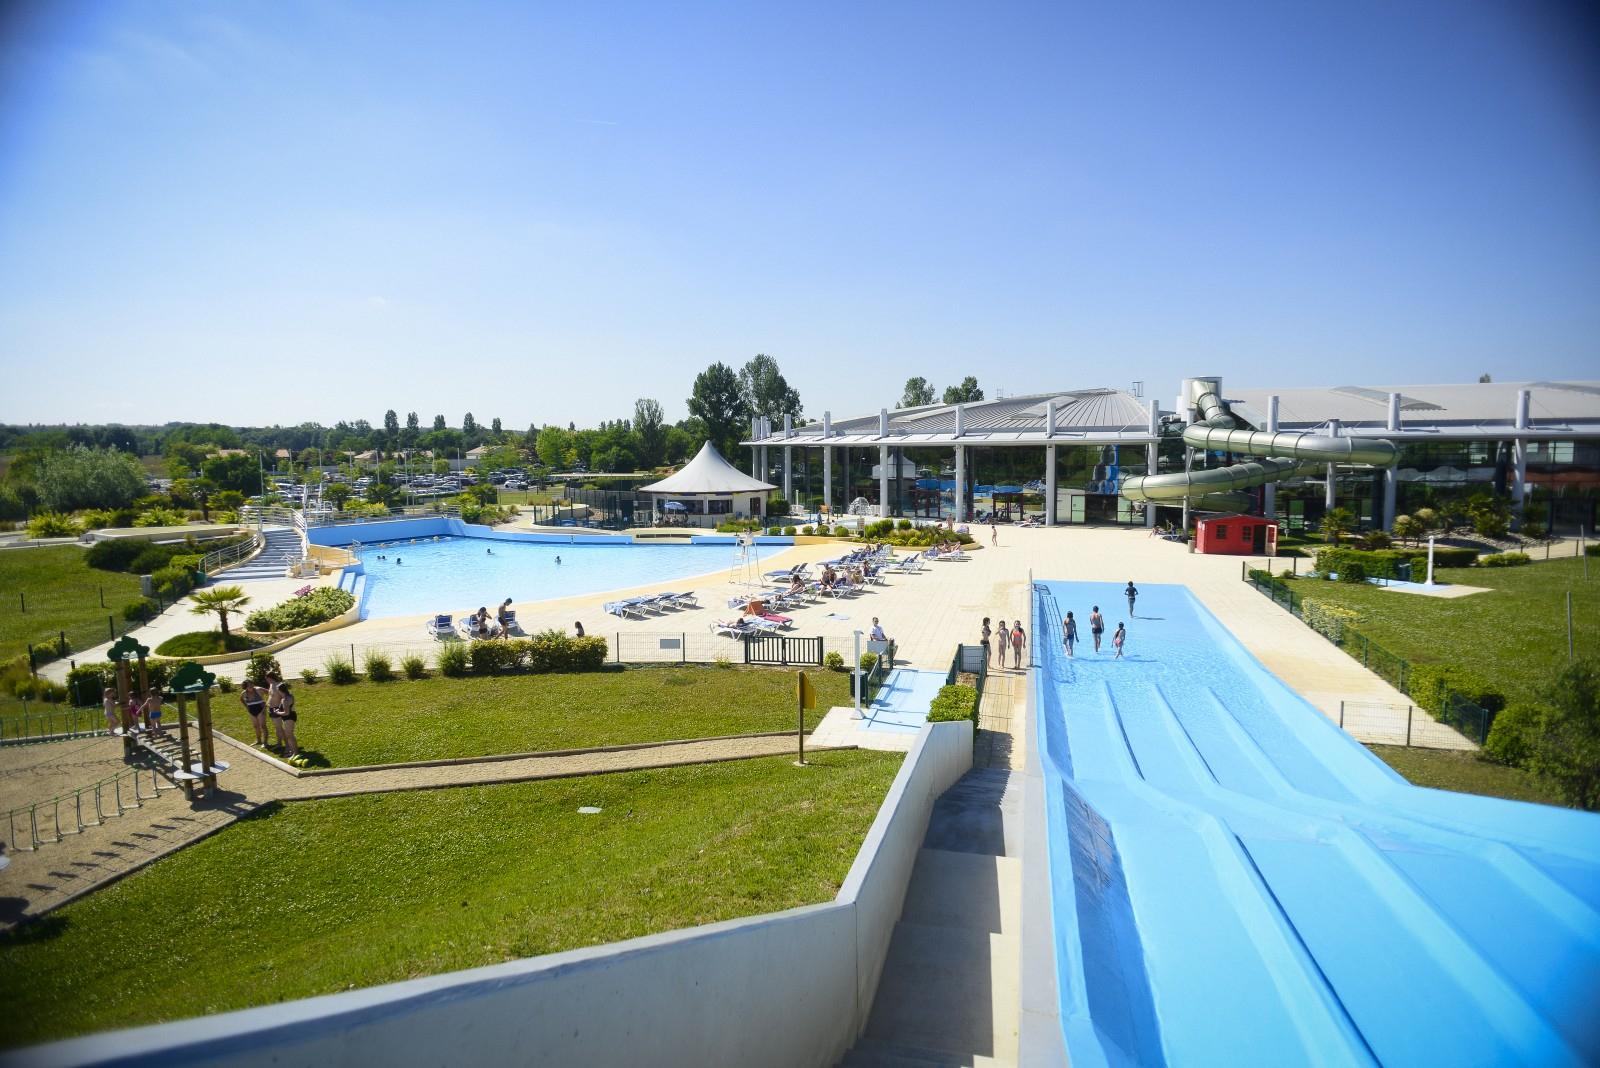 Bienvenue Sur Le Site Du Centre Aquatique Et De La Patinoire ... intérieur Piscine Angouleme